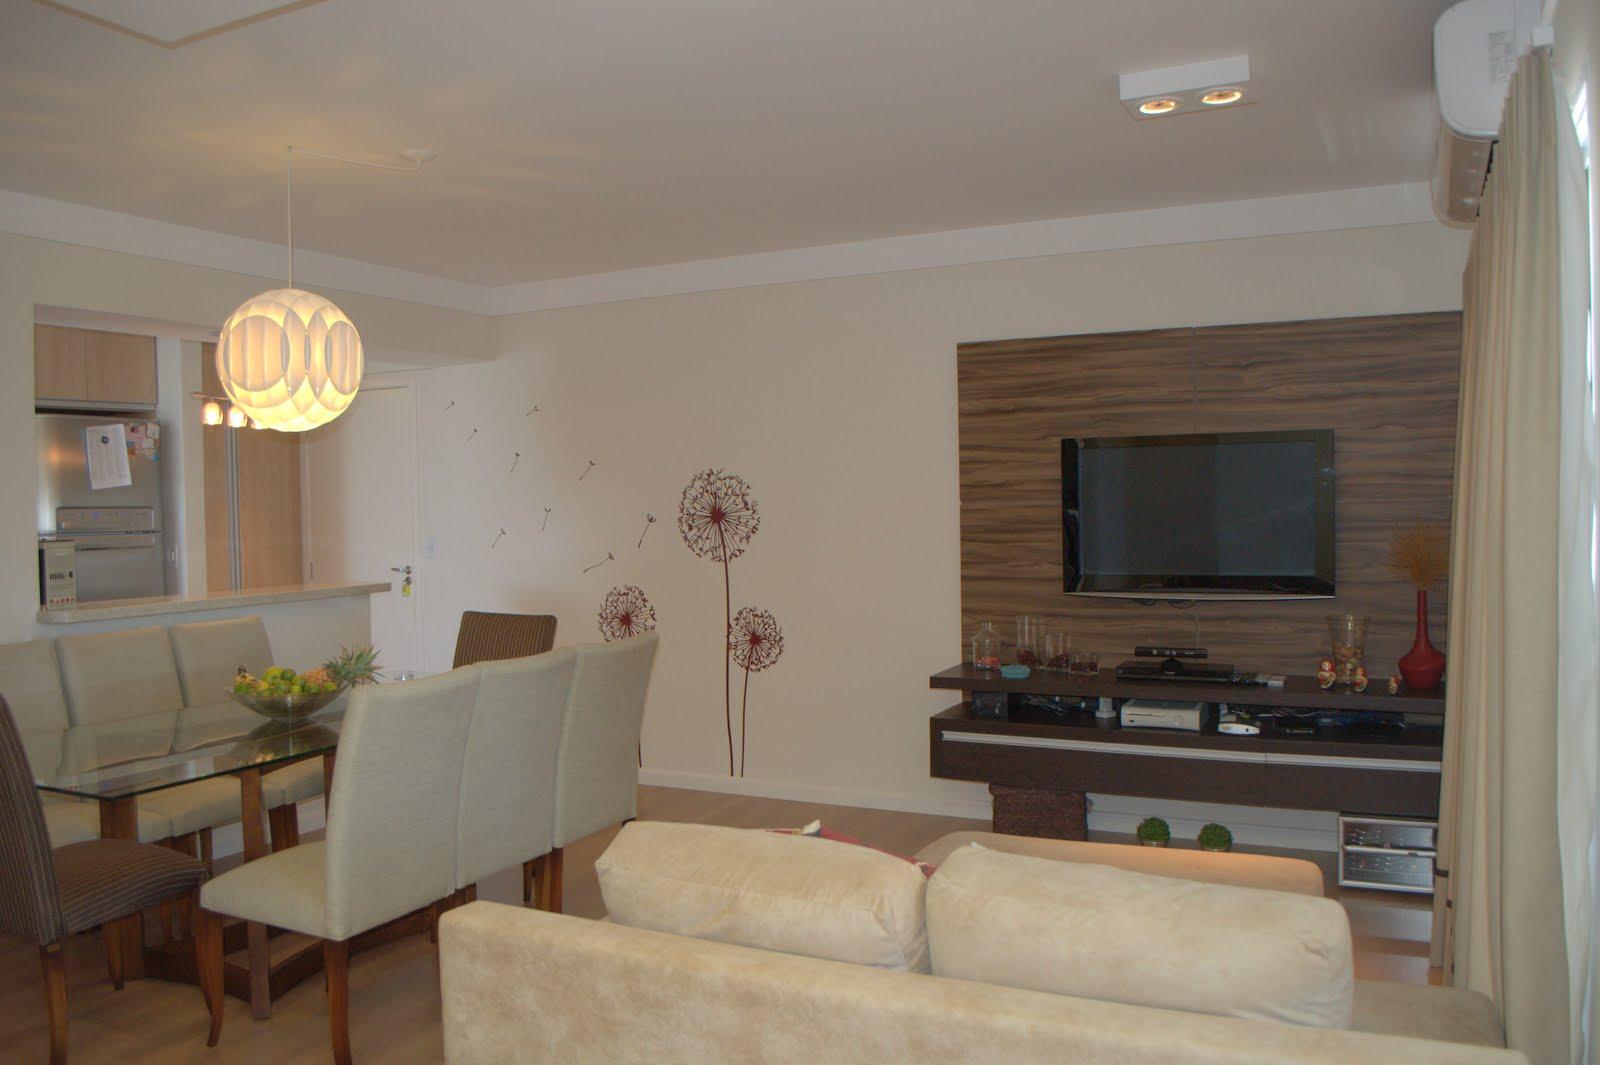 sala integrada c a cozinha sala integrada jantar tv escritório sala  #877044 1600 1065